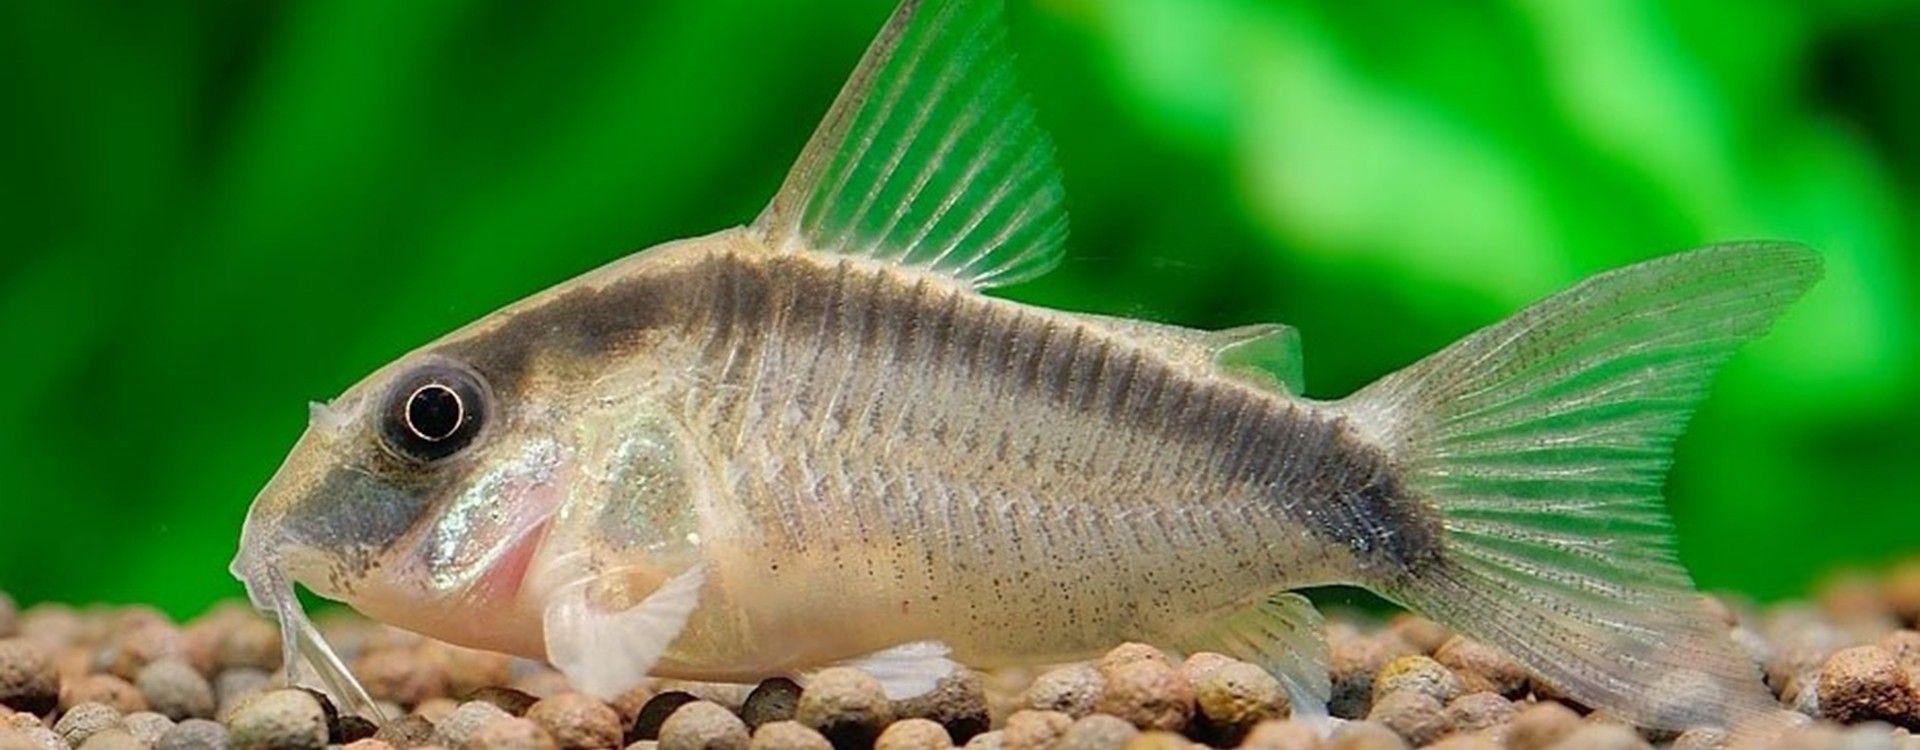 Przewodnik ryb akwariowych. Kirysy - ryby z rodziny kirysowatych.